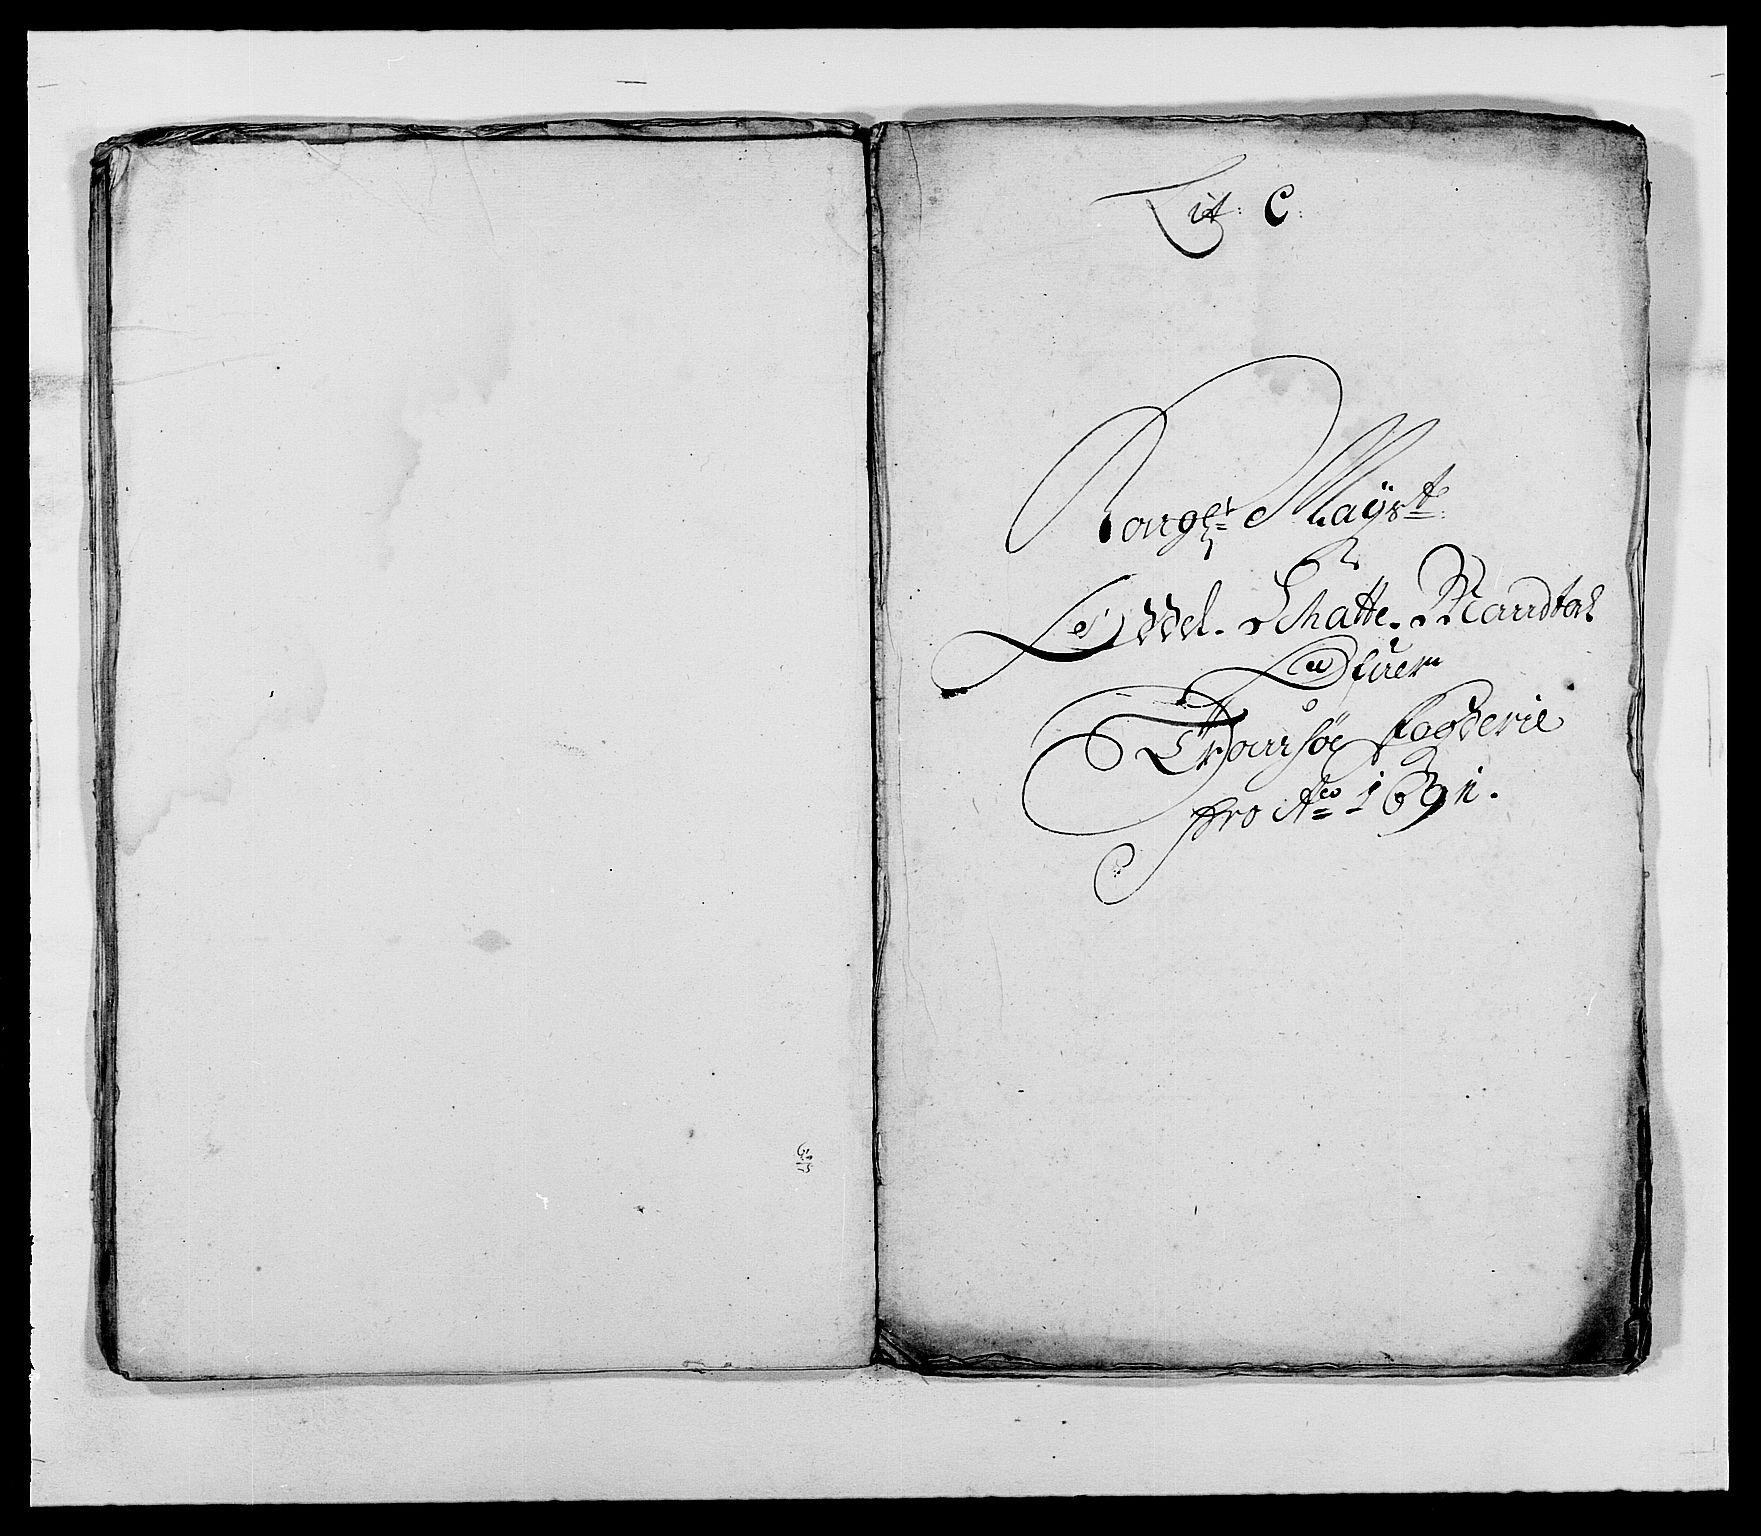 RA, Rentekammeret inntil 1814, Reviderte regnskaper, Fogderegnskap, R68/L4751: Fogderegnskap Senja og Troms, 1690-1693, s. 102